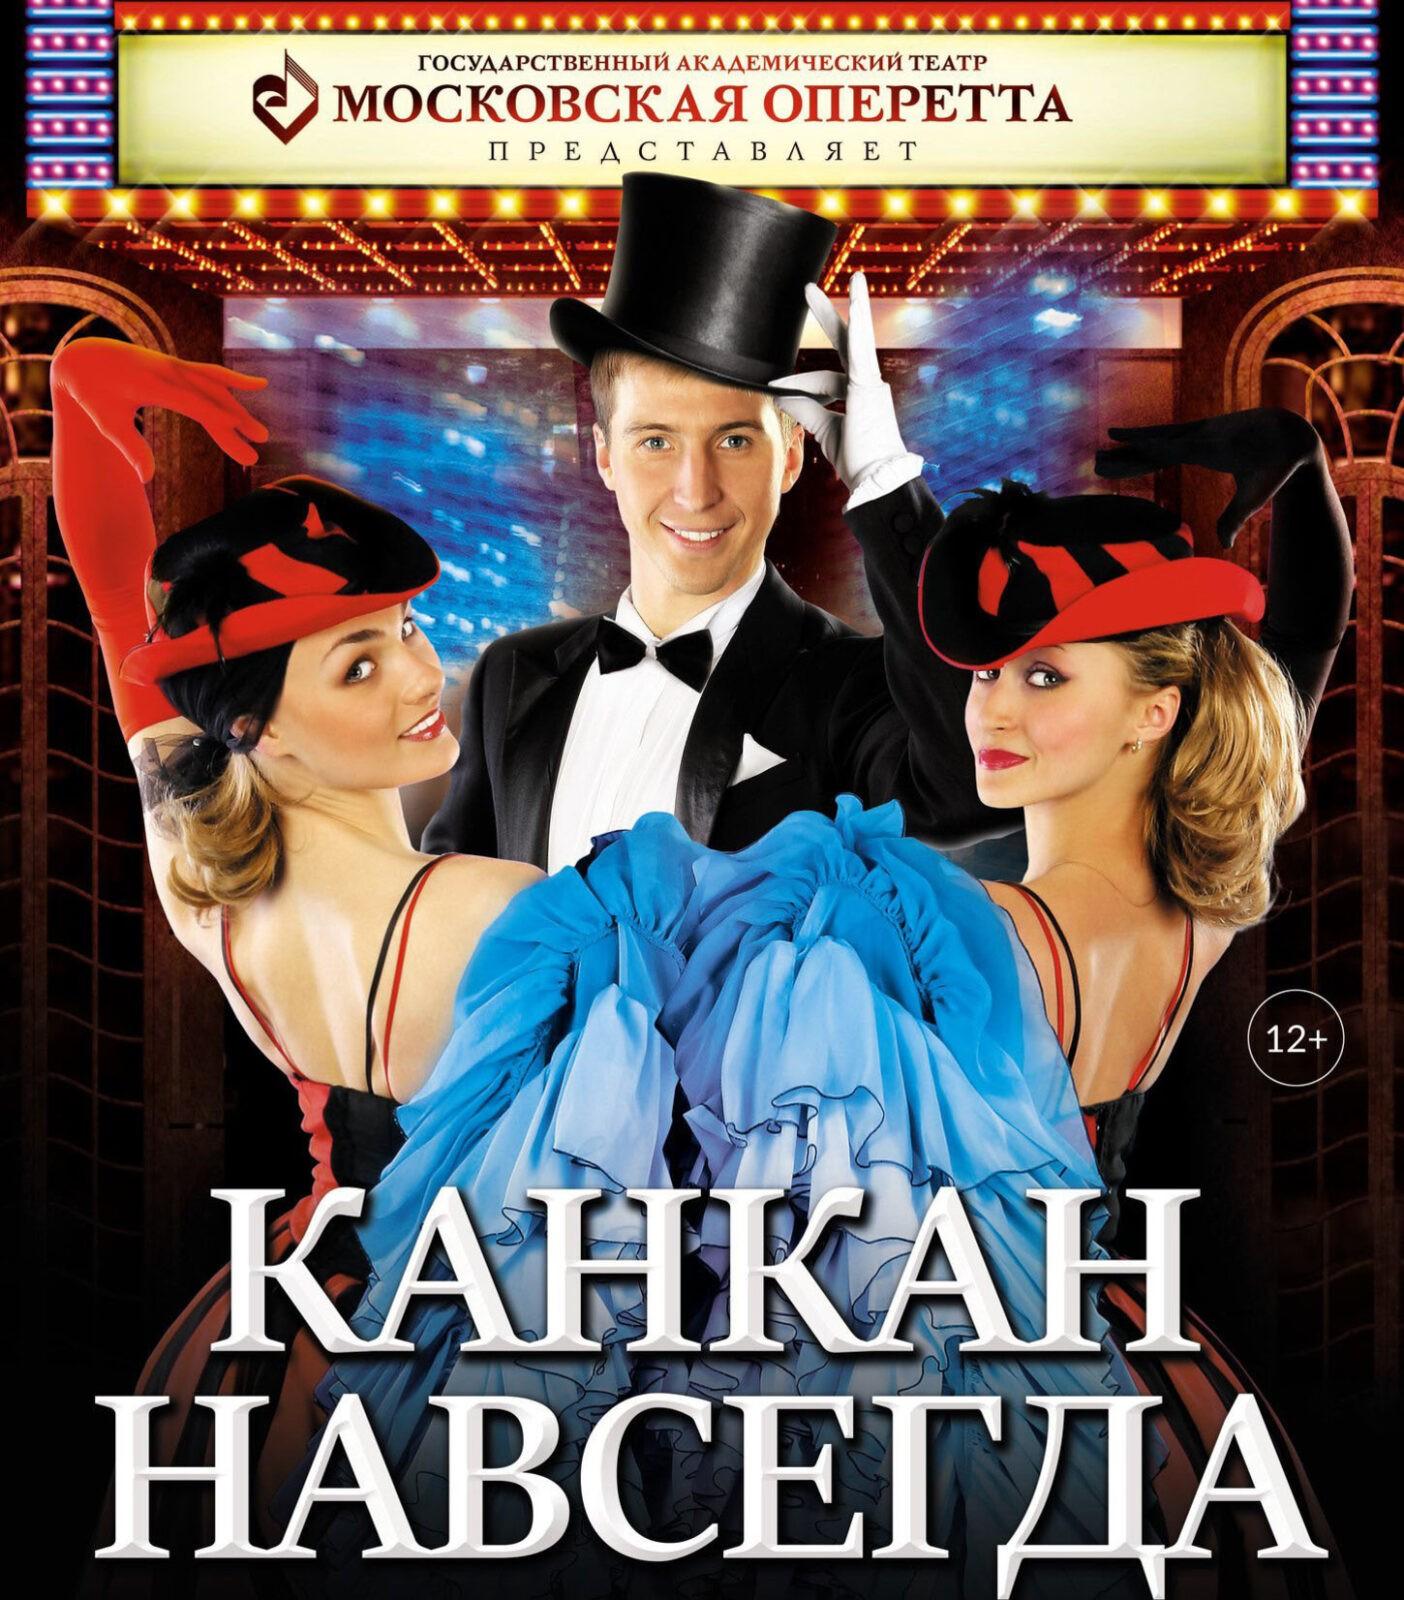 Московская оперетта представит «Канкан навсегда!» в Твери